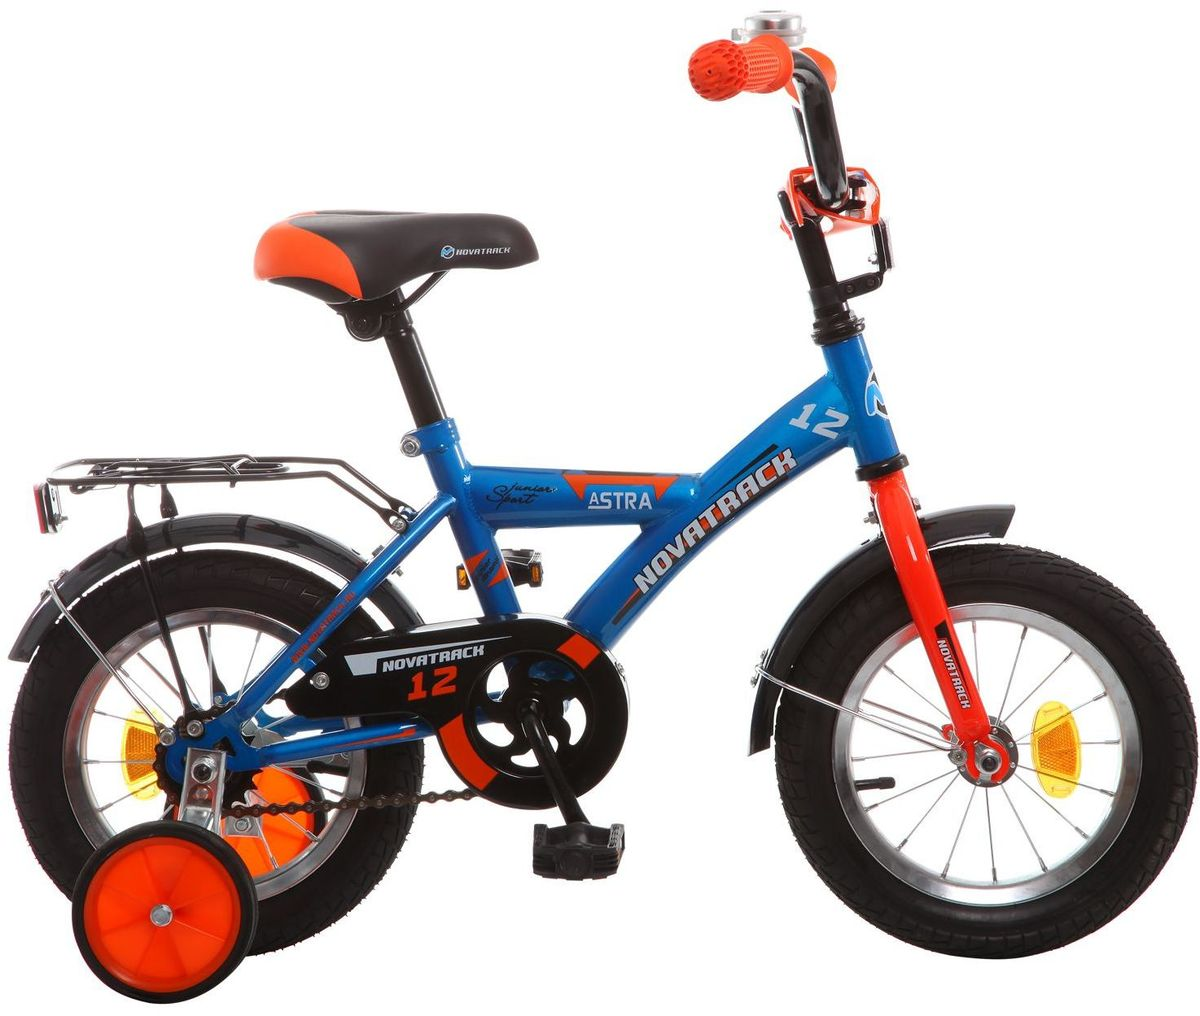 Велосипед детский Novatrack  Astra , цвет: синий, черный, оранжевый, 12  -  Детские велосипеды